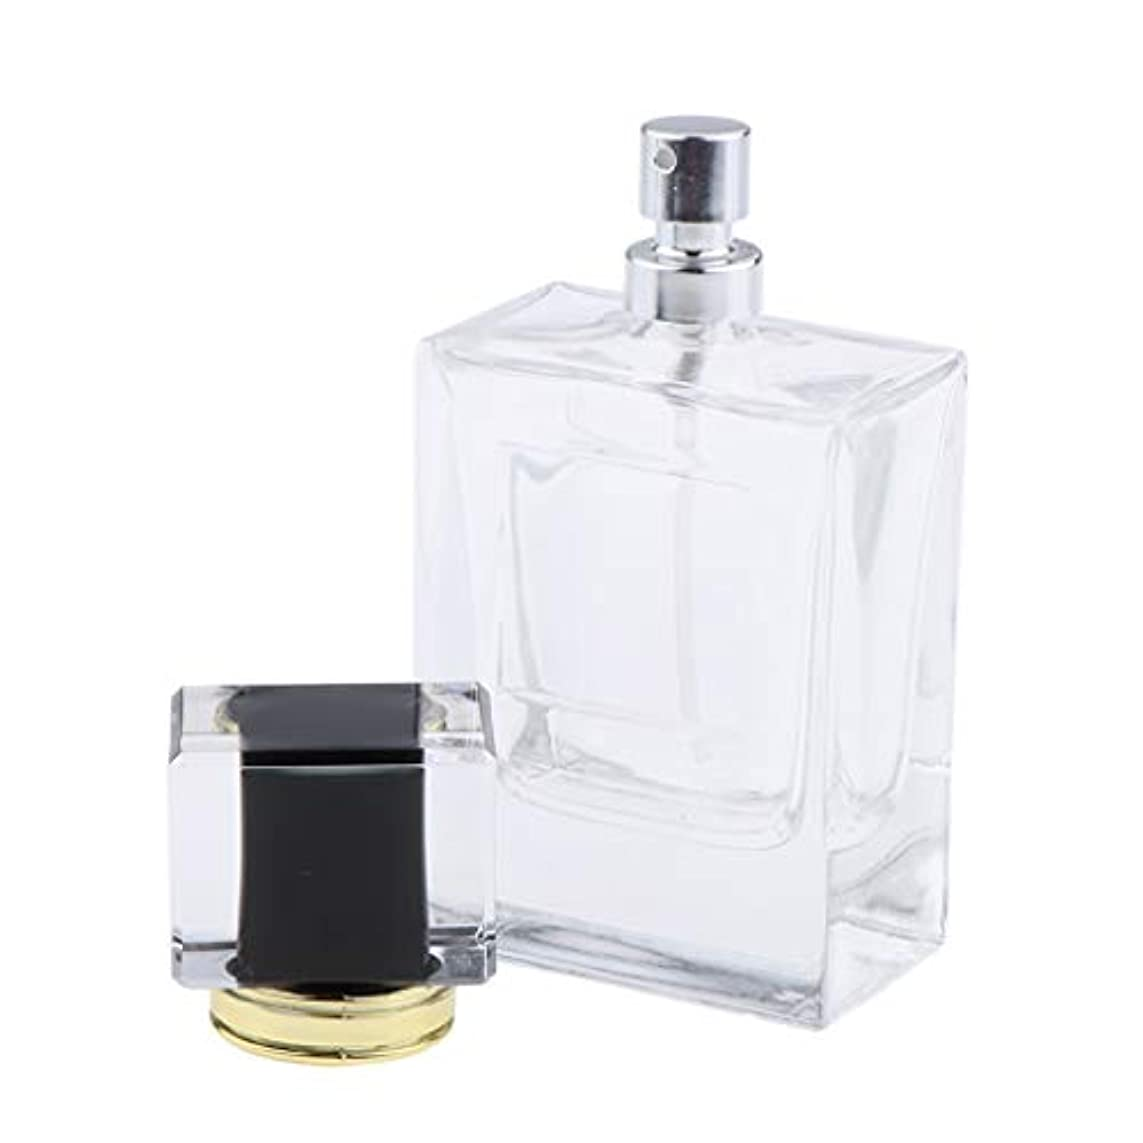 一過性大惨事長方形B Baosity 香水瓶 化粧ボトル 透明ガラス ポンプスプレーボトル 手作りコスメ 4色選べ - ブラック